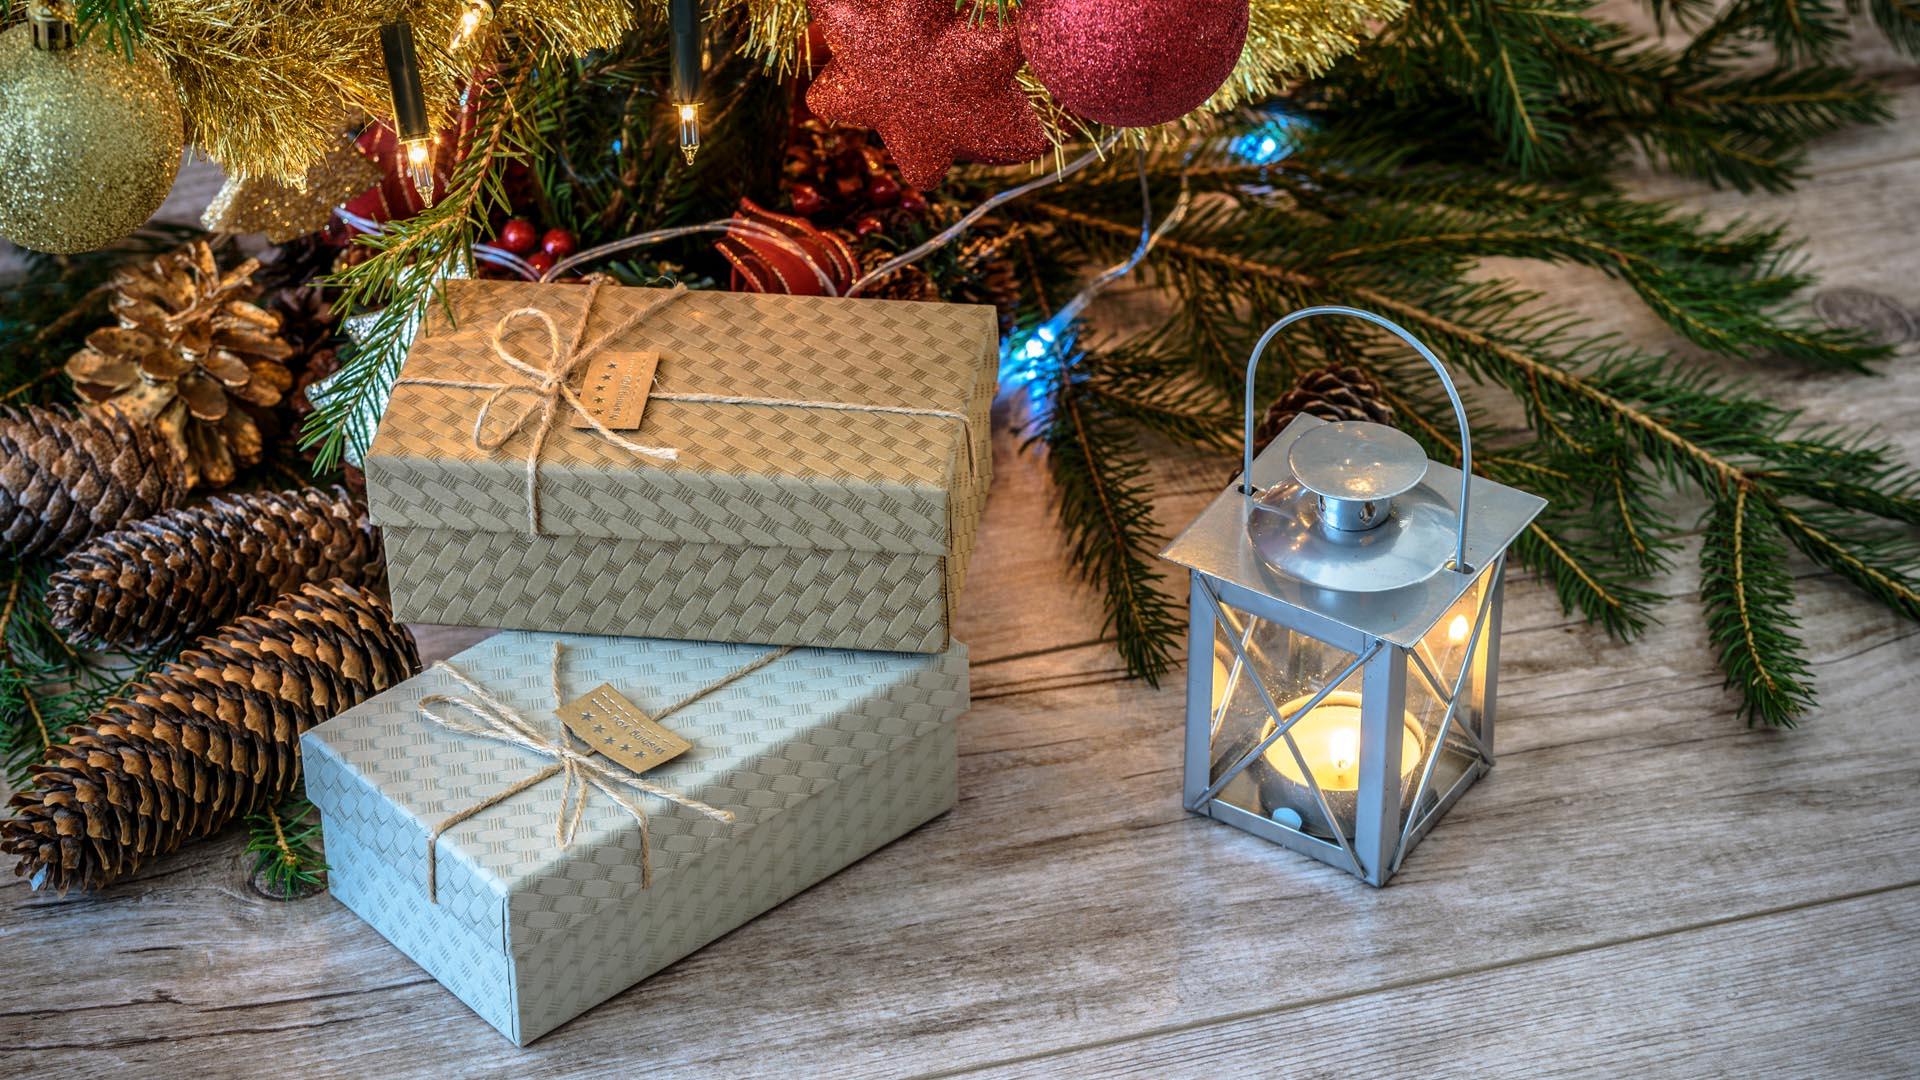 Tipy na vánoční dárky